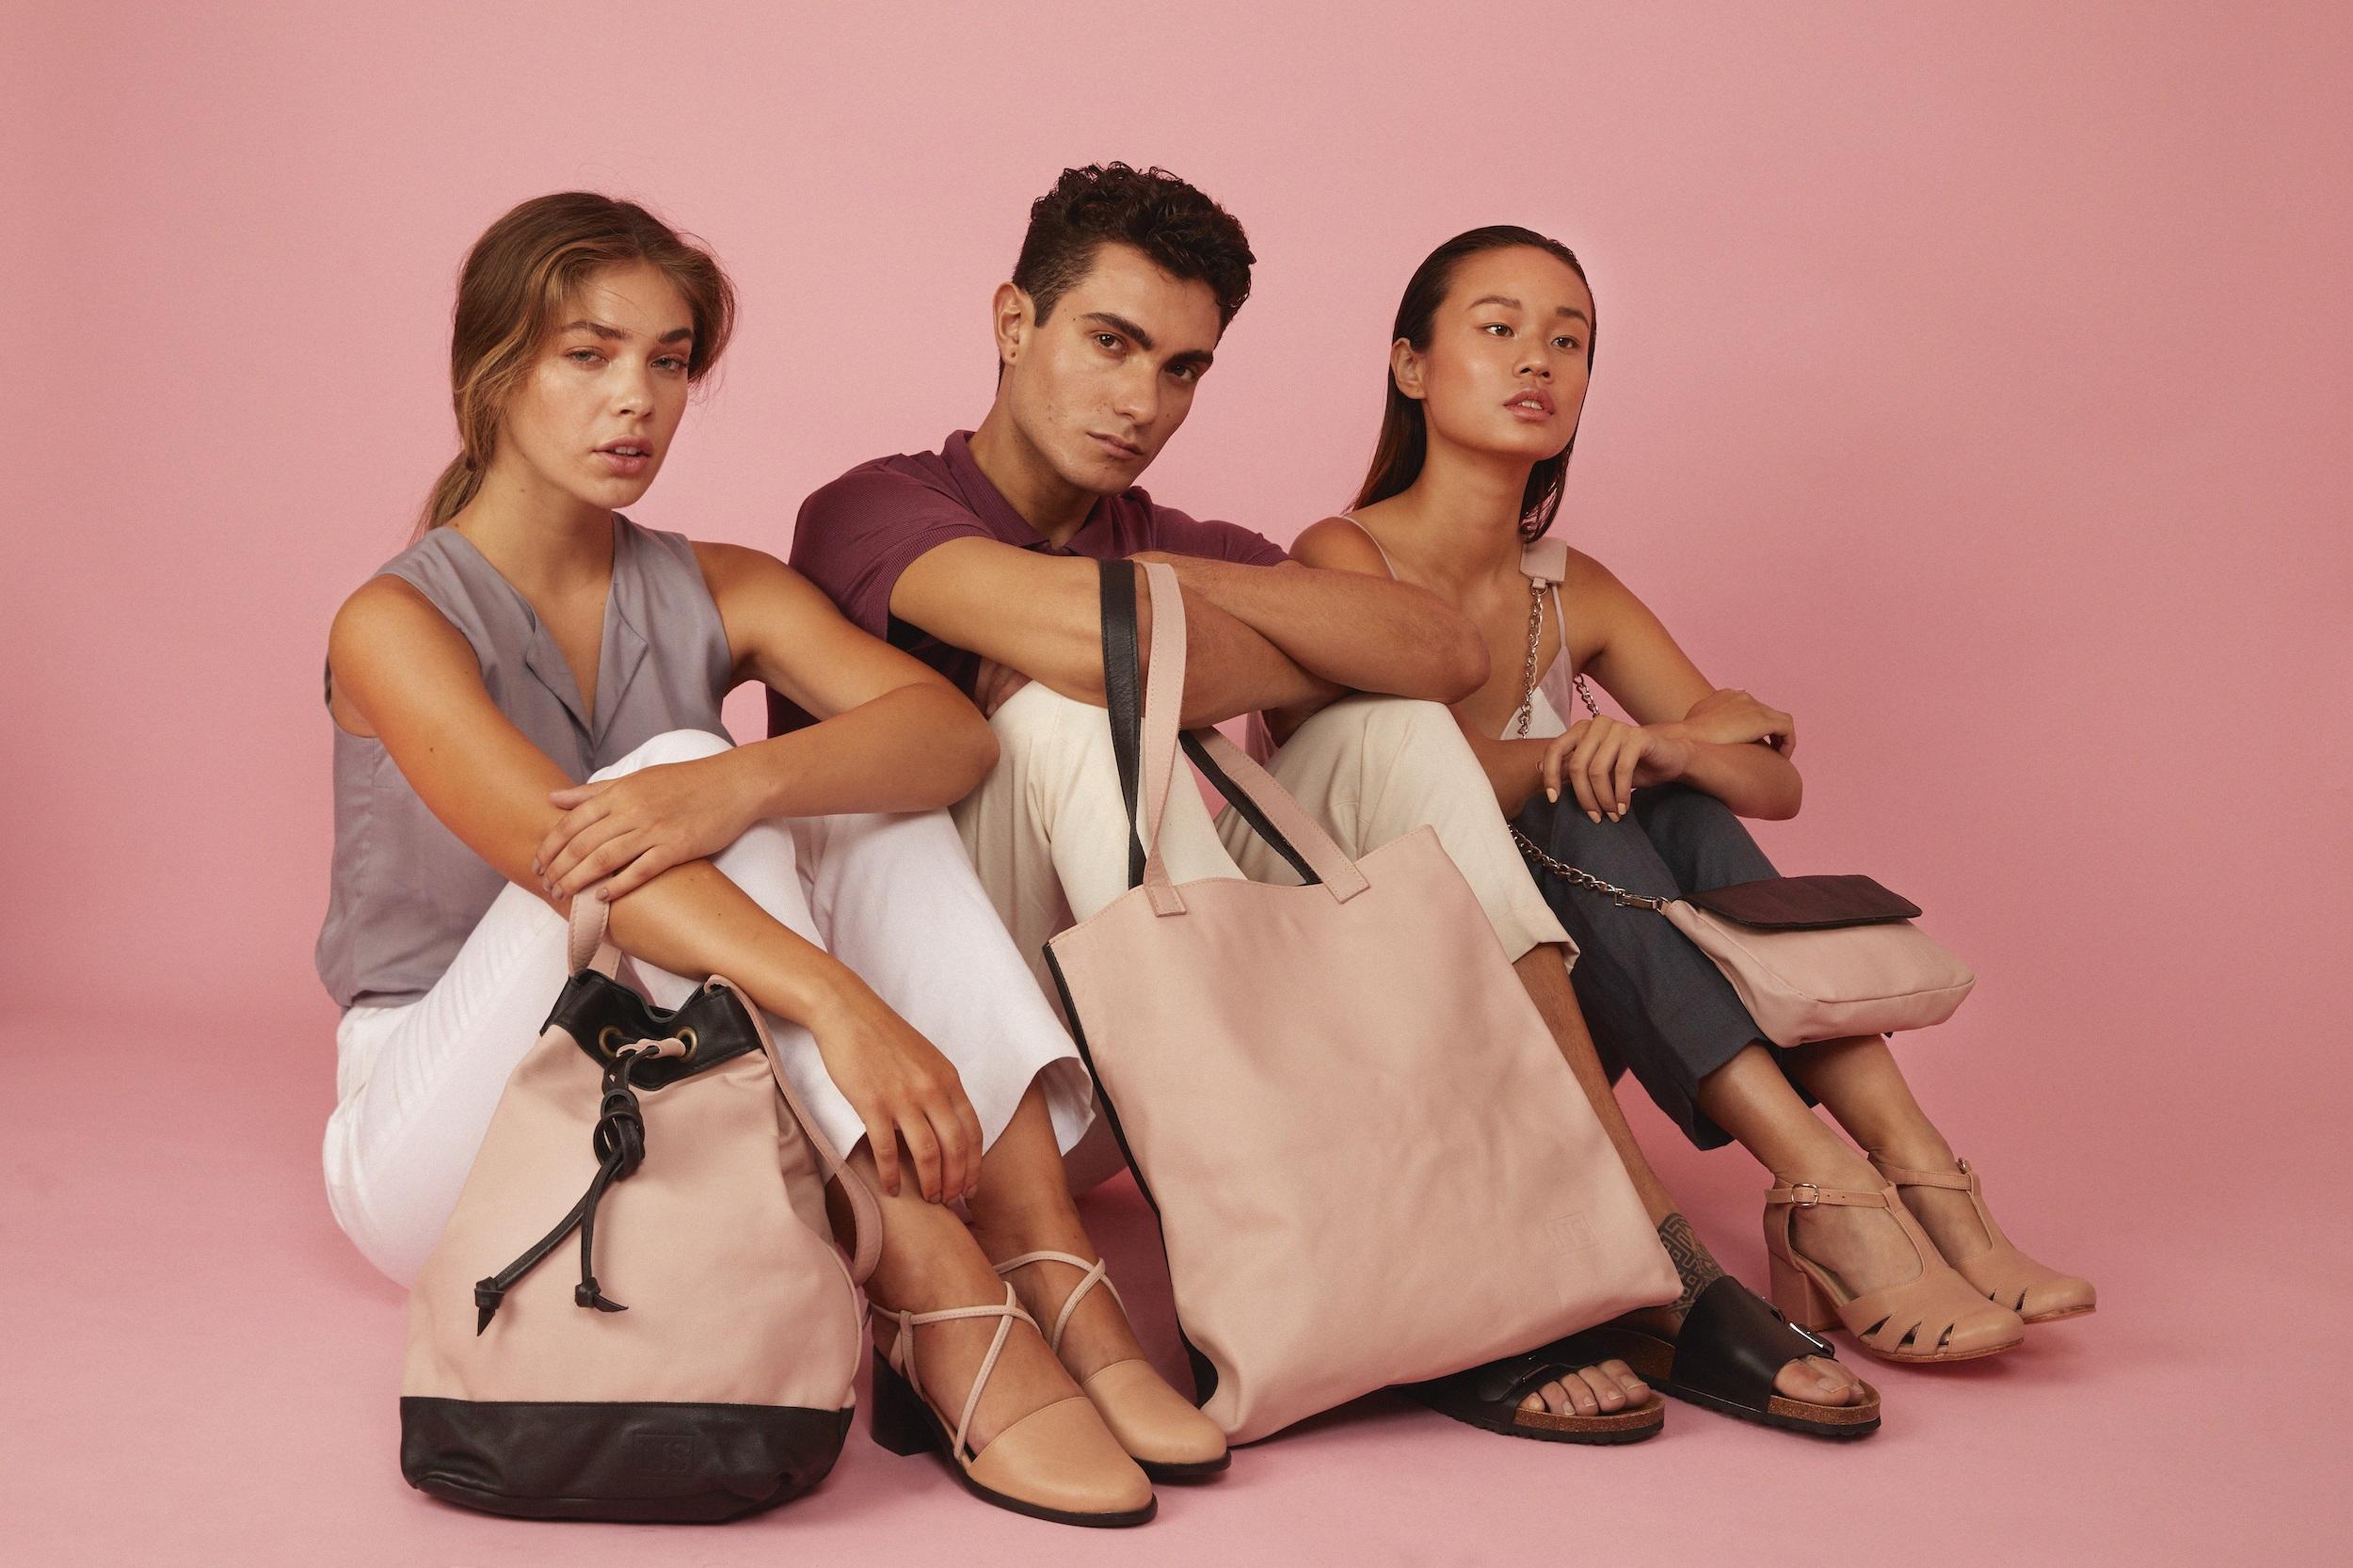 En la foto tres modelos muestran una mochila y dos carteras en tonos rosado y negro